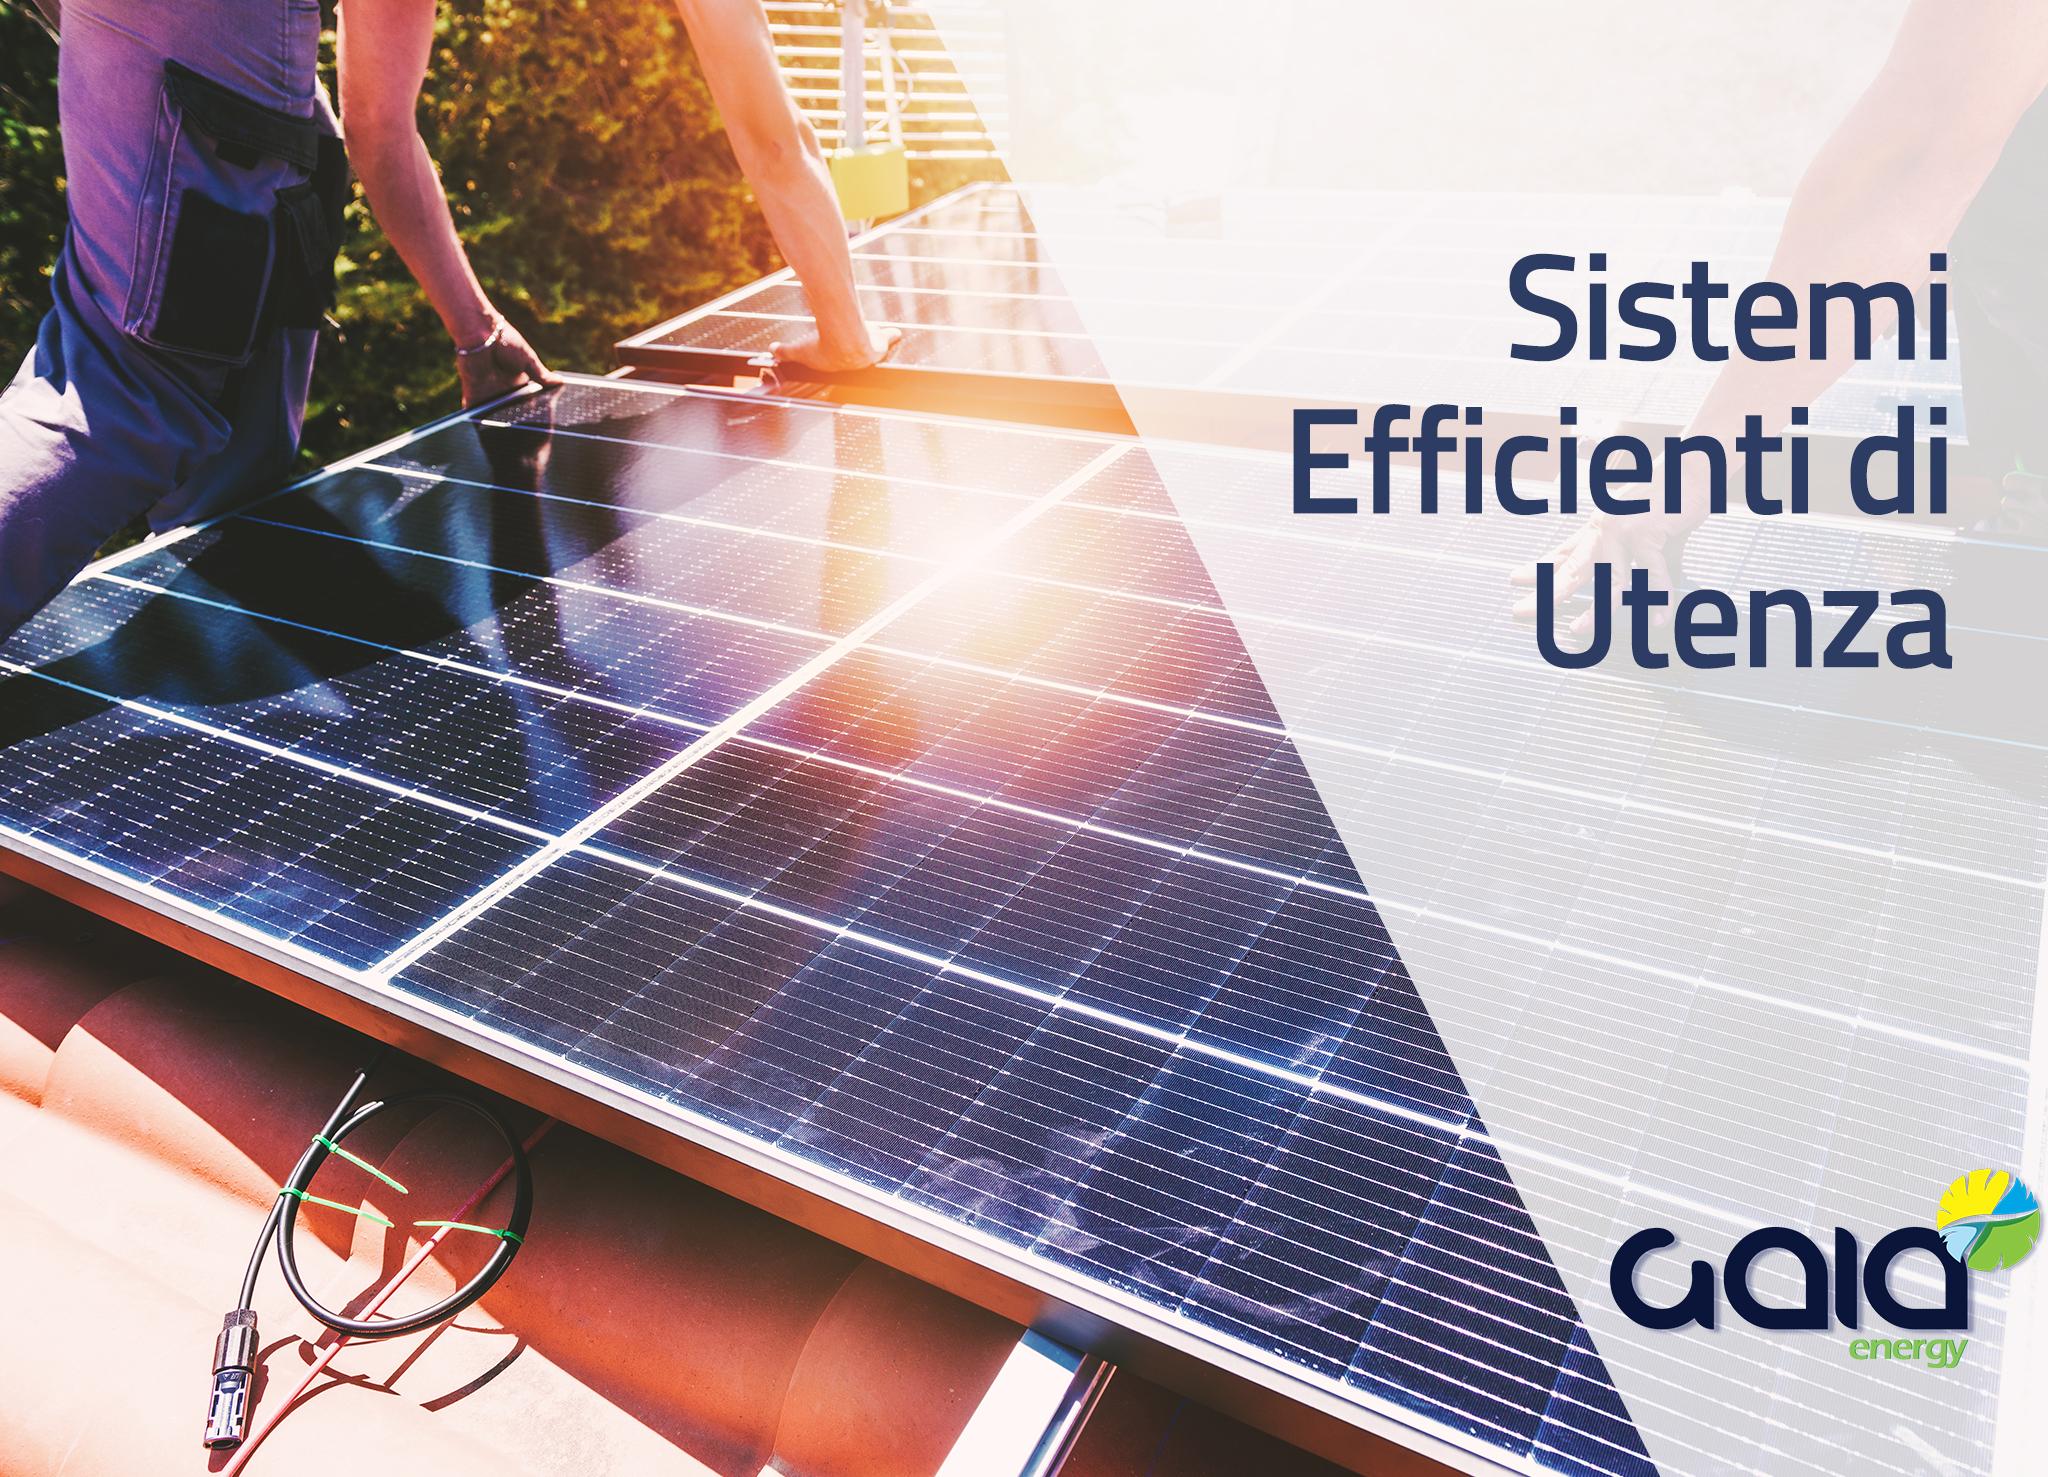 Pannelli Fotovoltaici Sistemi Efficienti di Utenza